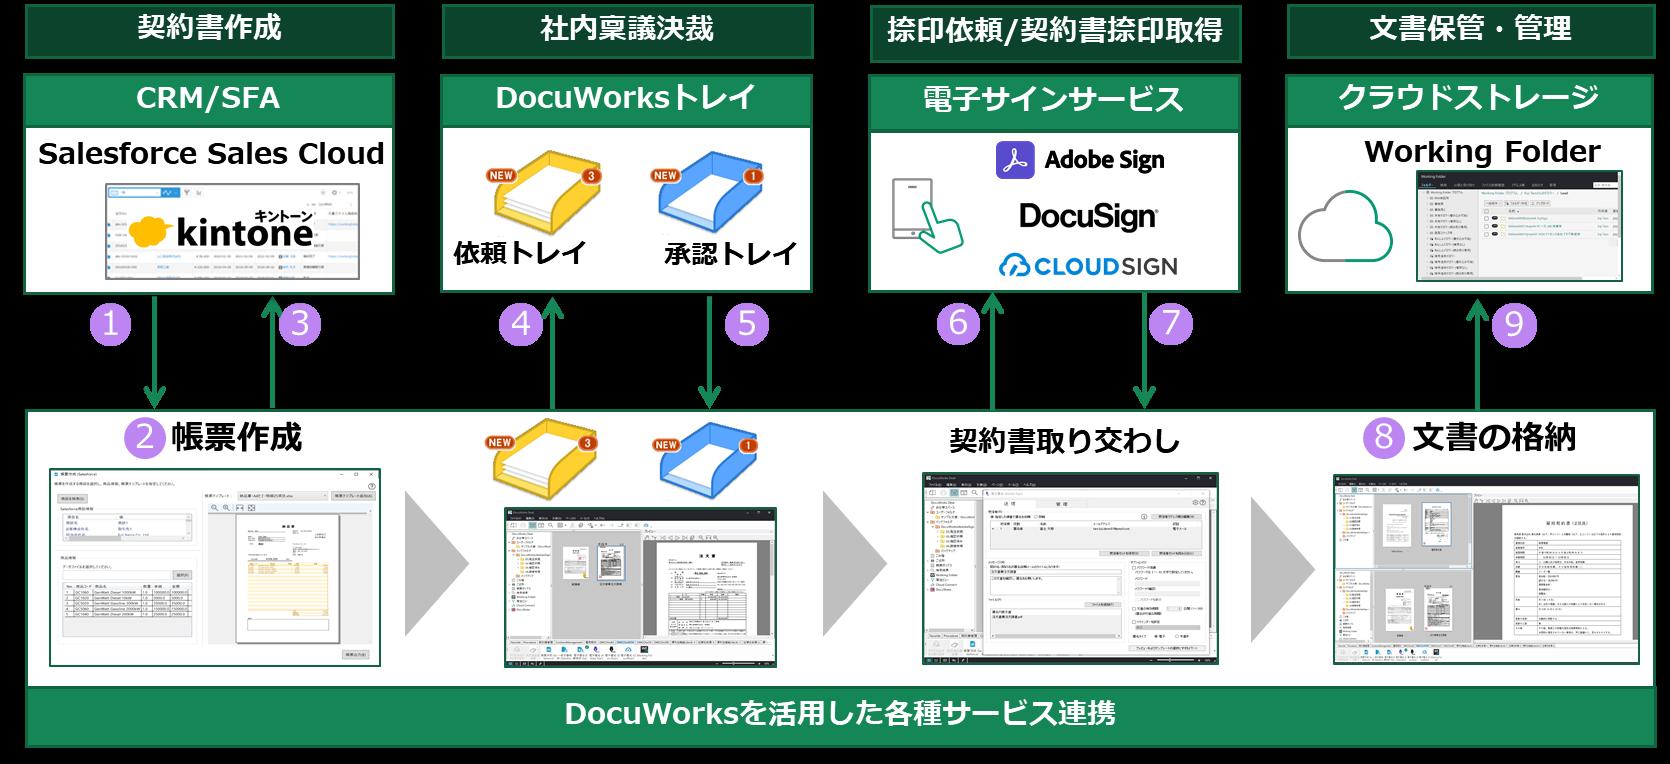 業務プロセスのデジタル化を支援 する「DocuWorks Cloud Connectorシリーズ」販売開始